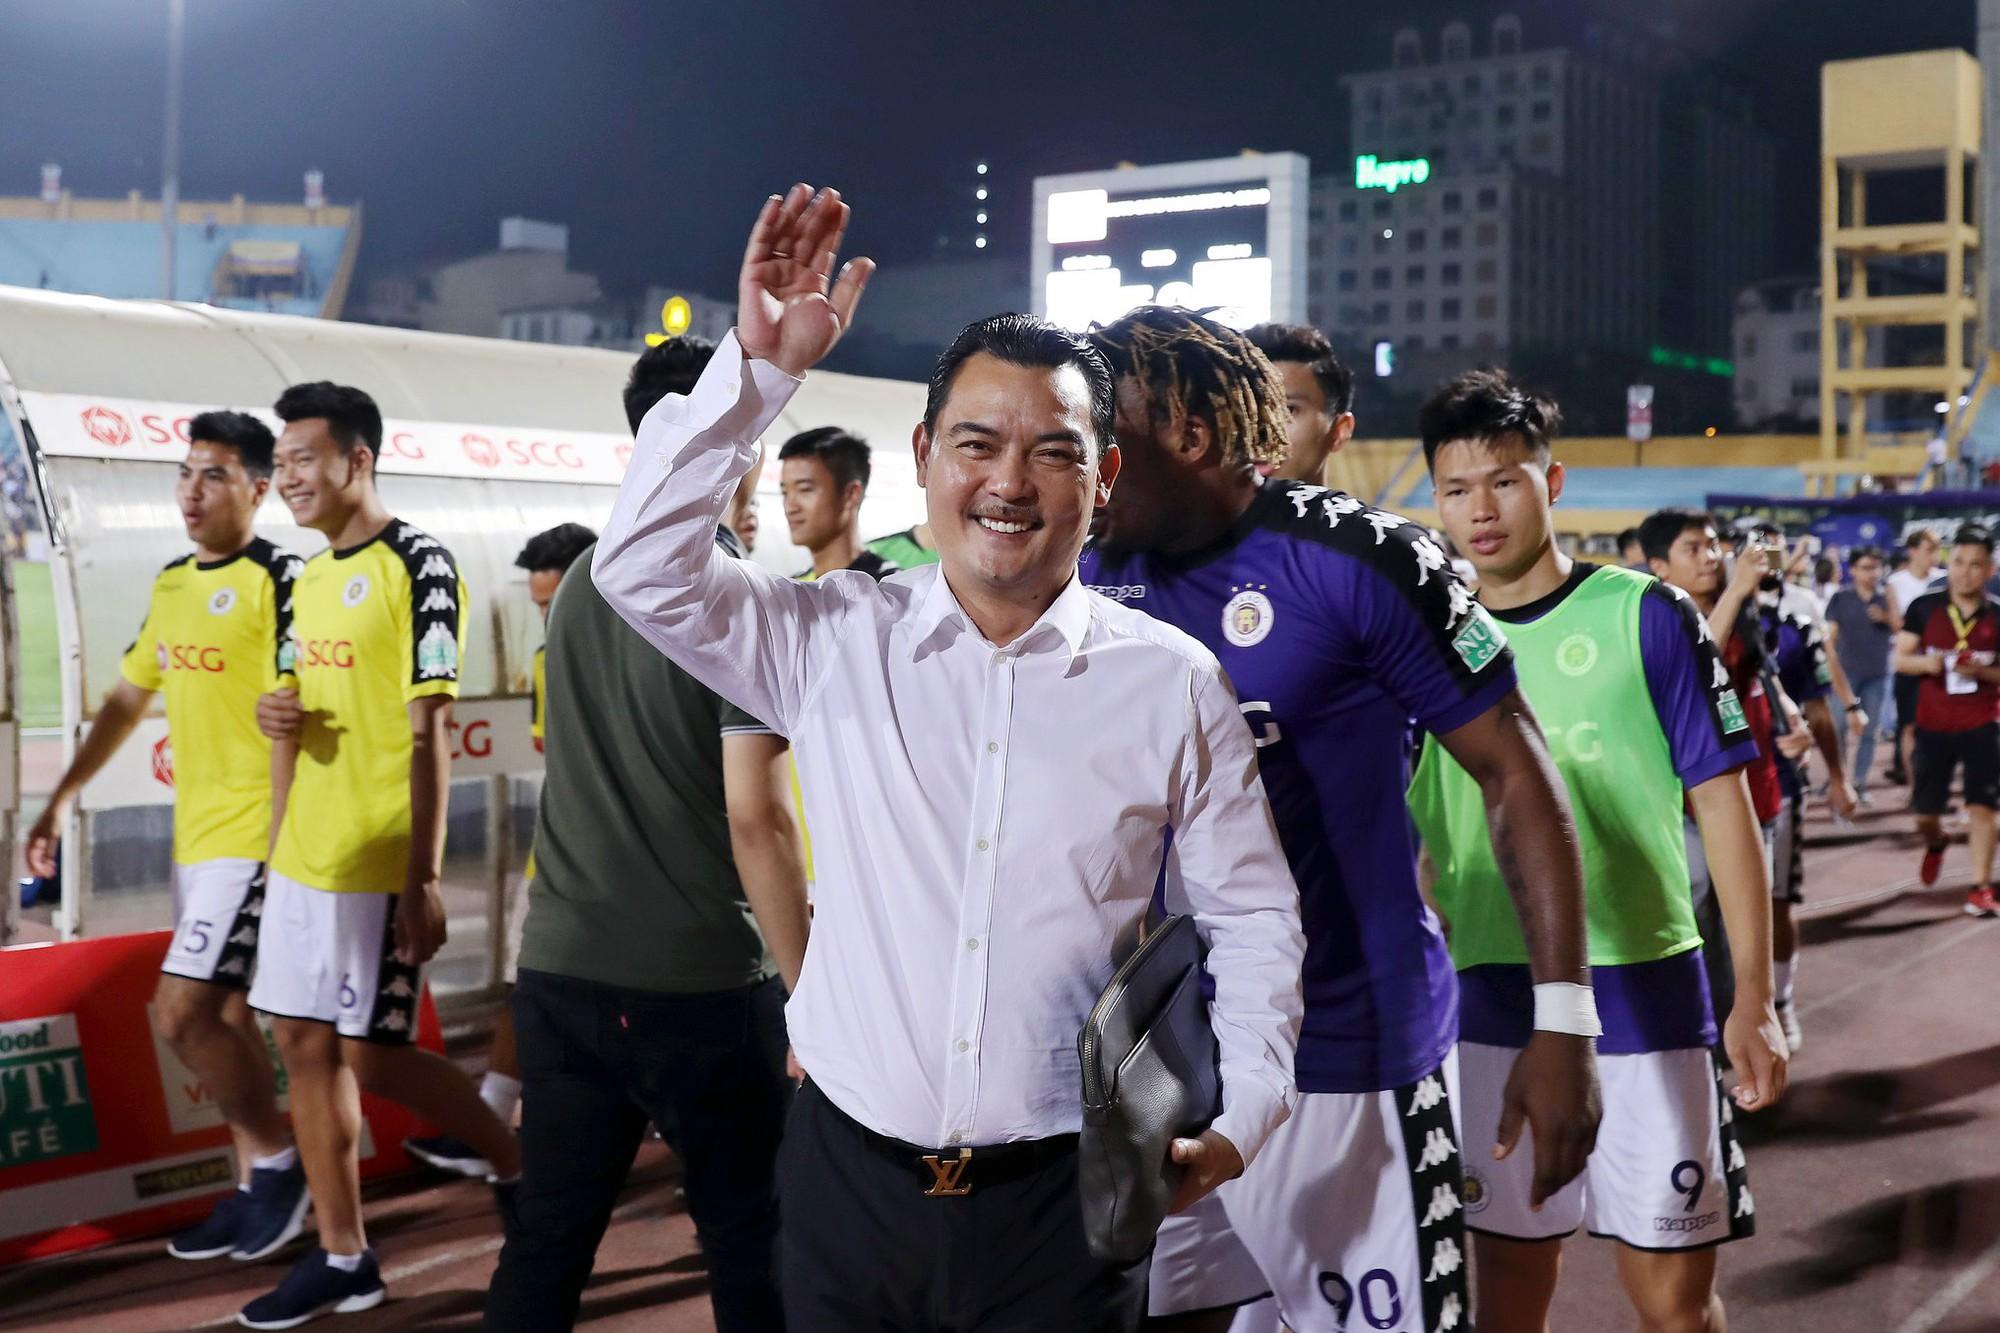 Nhằm đạt chuẩn quốc tế, Hà Nội FC thay thế vị trí cao nhất ngay giữa mùa giải 2019 - Ảnh 2.